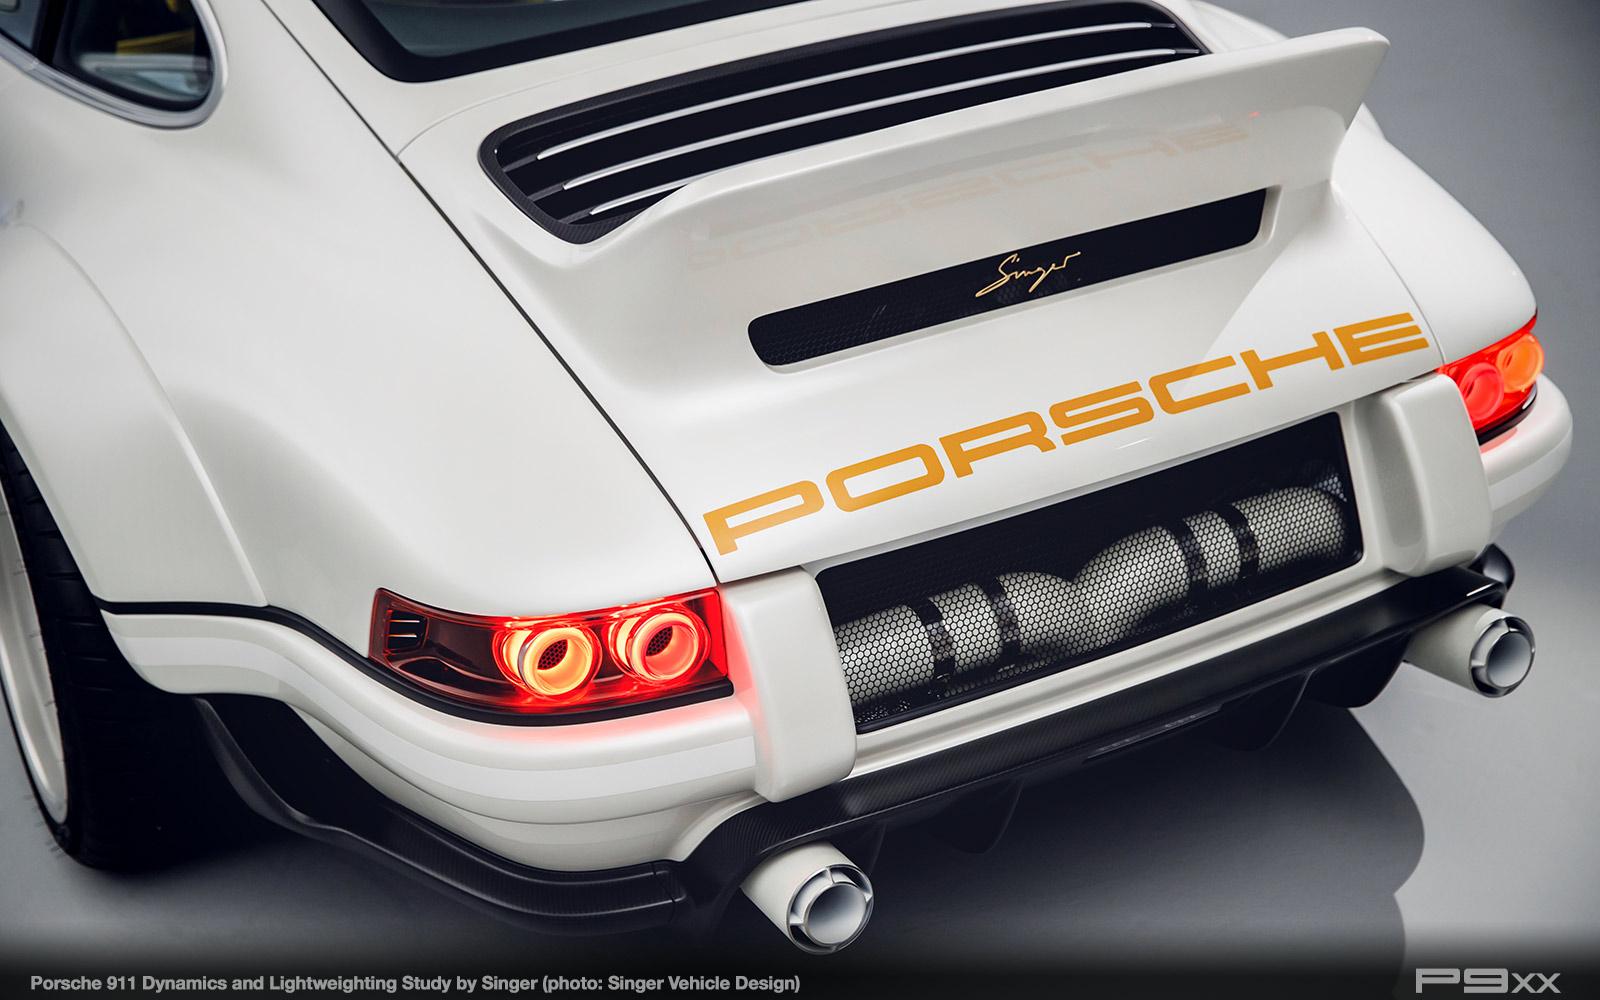 Singer-DLS-Porsche-911-306